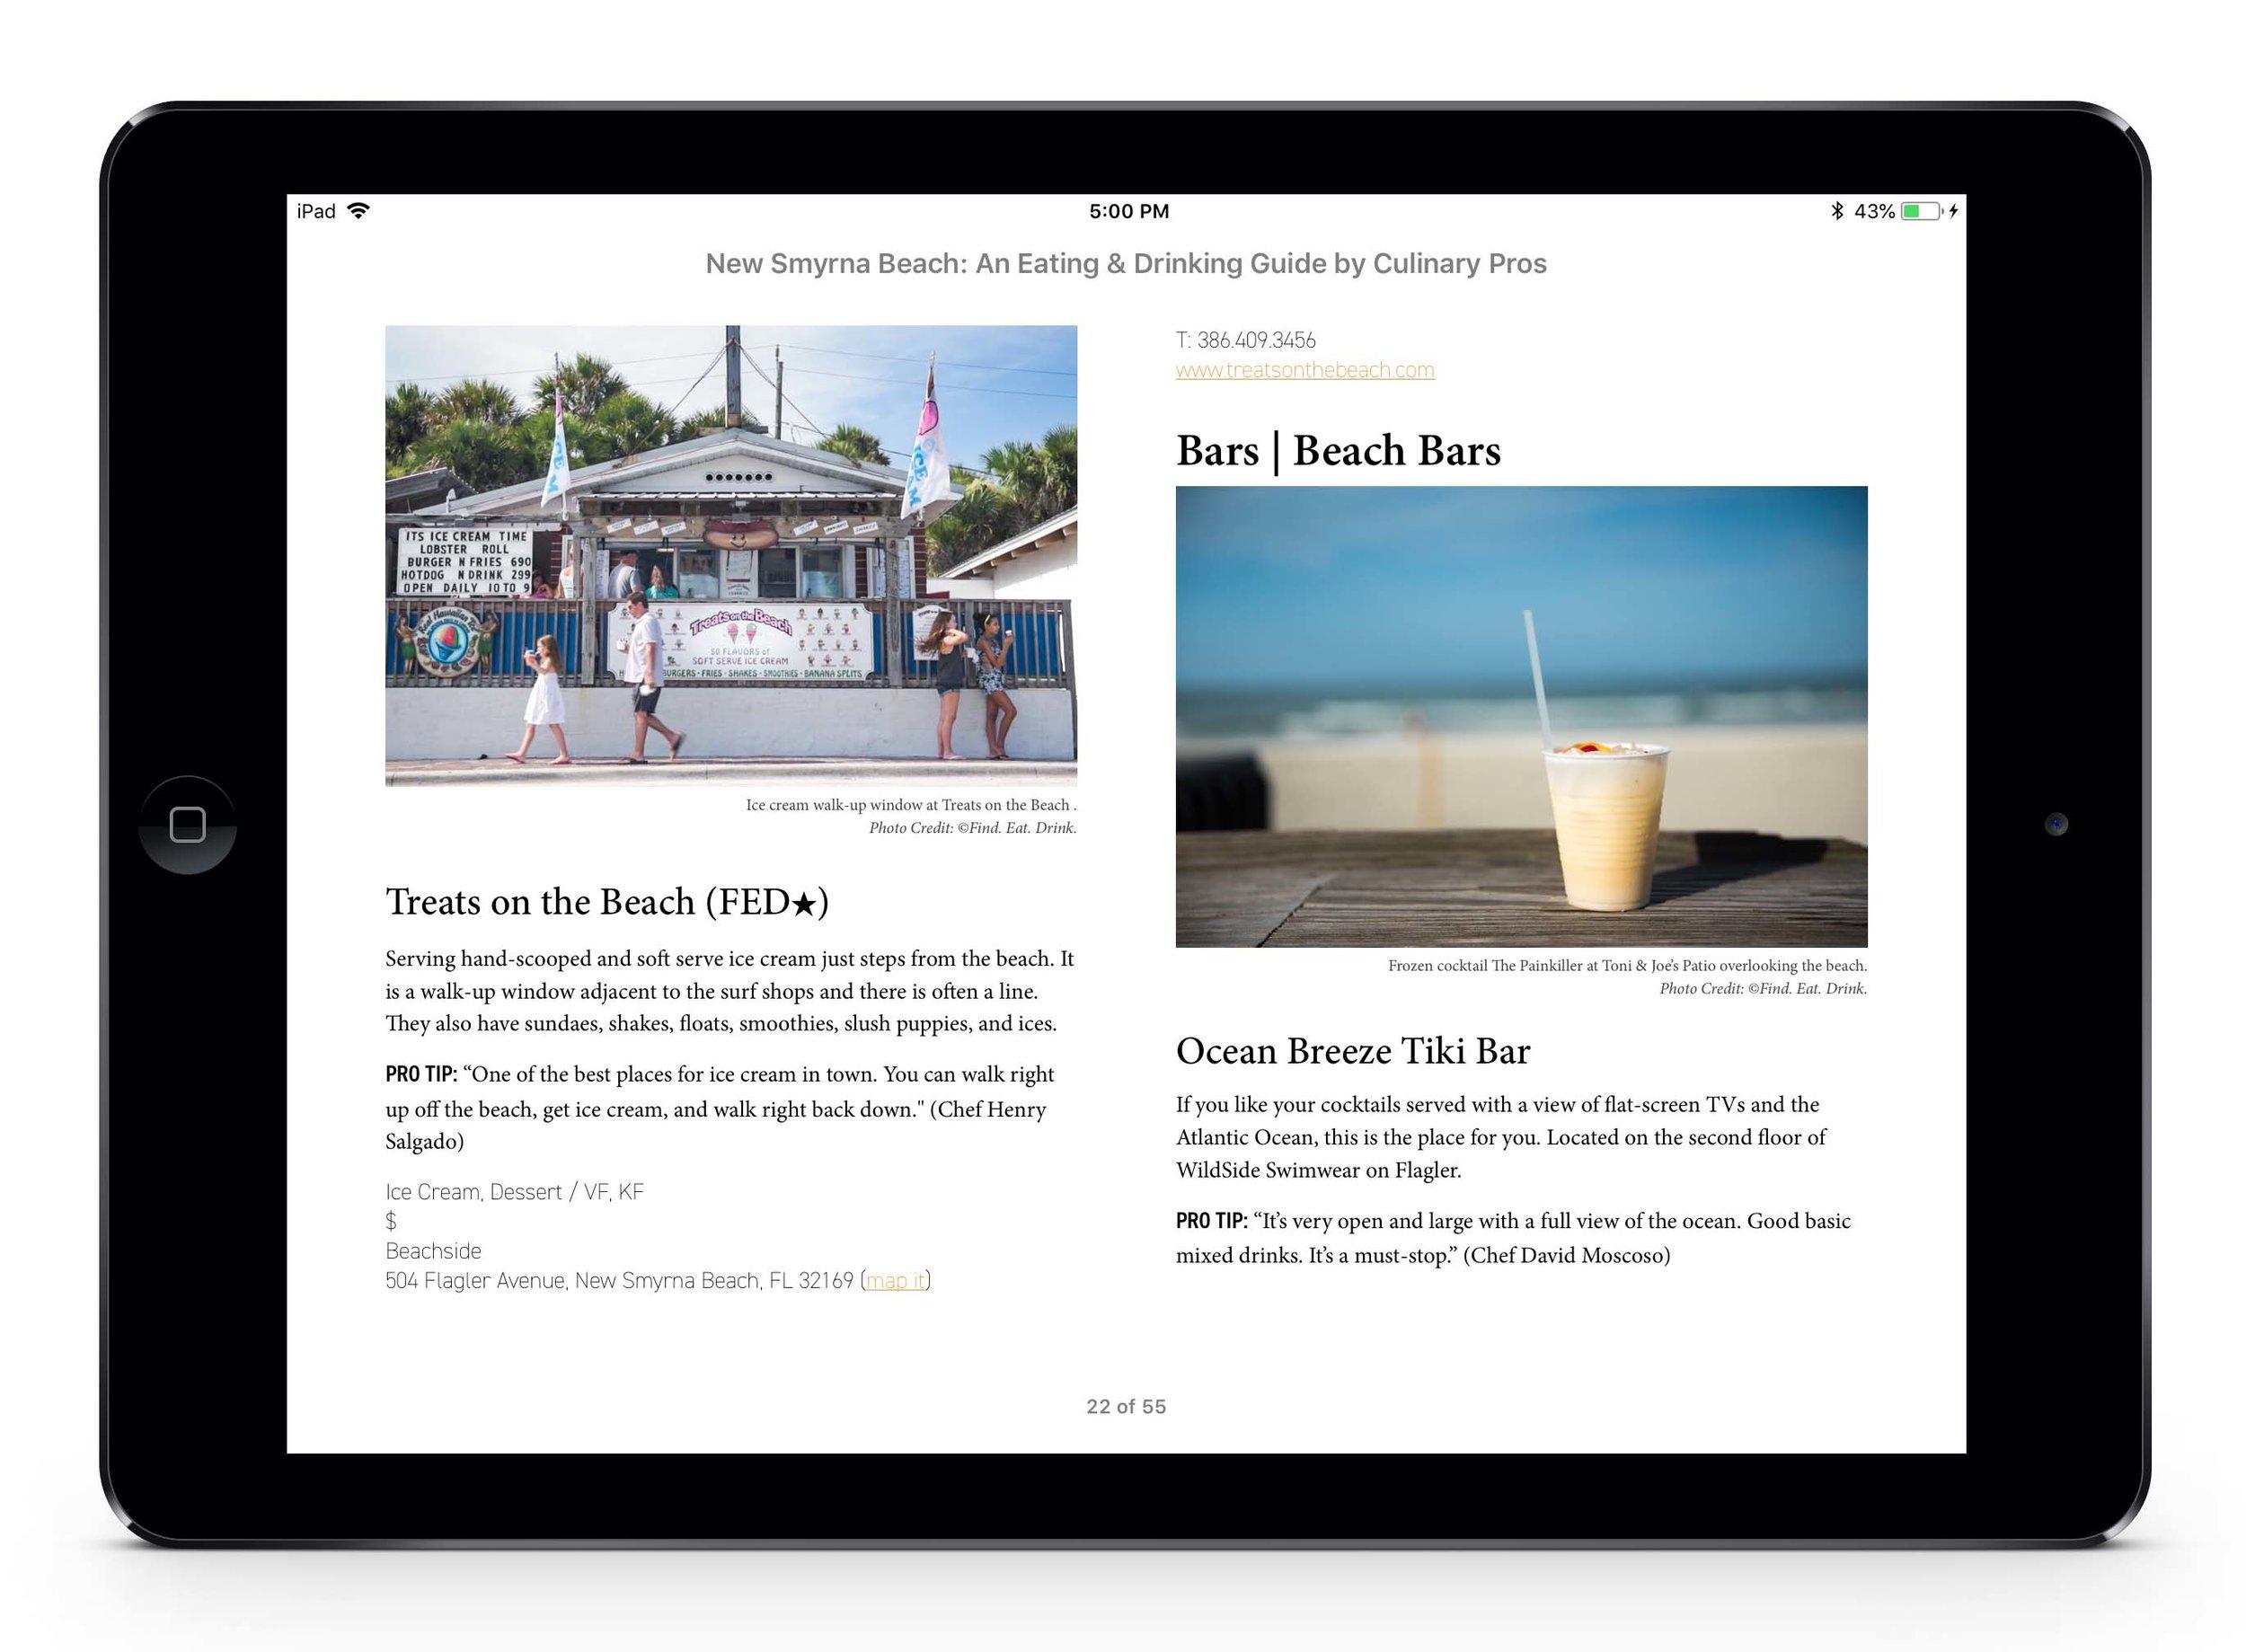 iPadAir_NSB_Screenshots_1.9.jpg